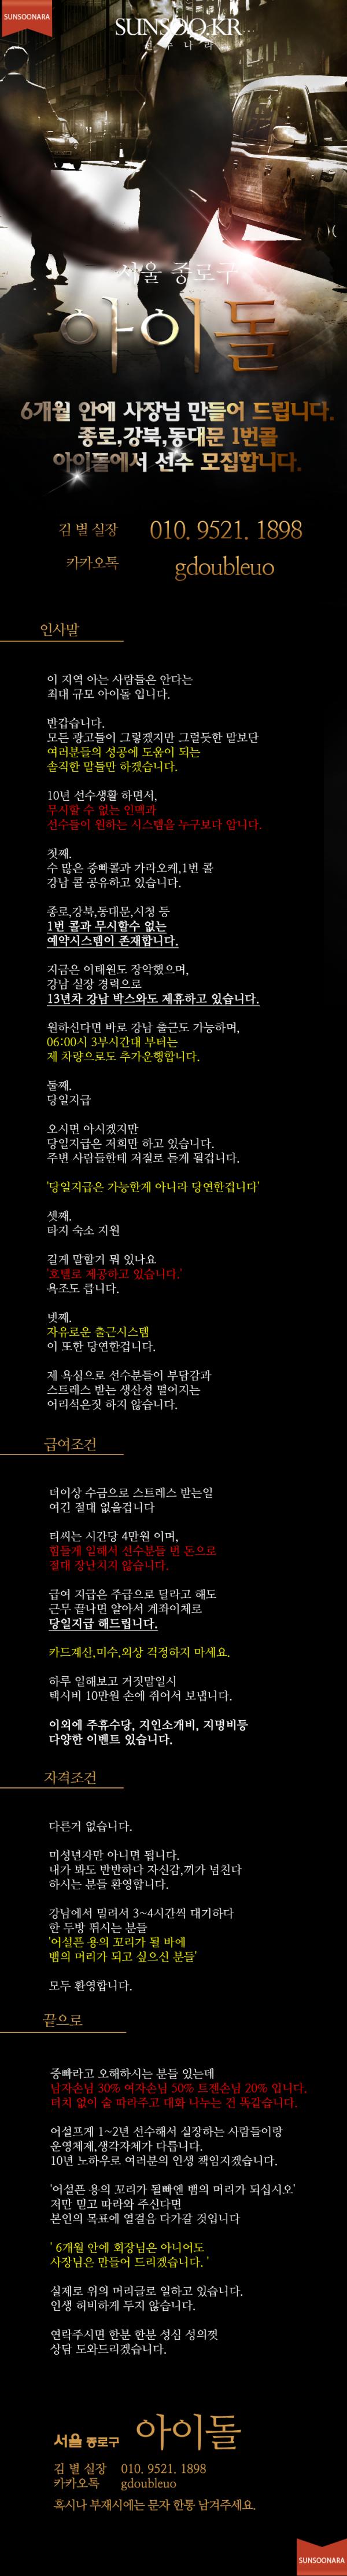 중빠 아이돌.png